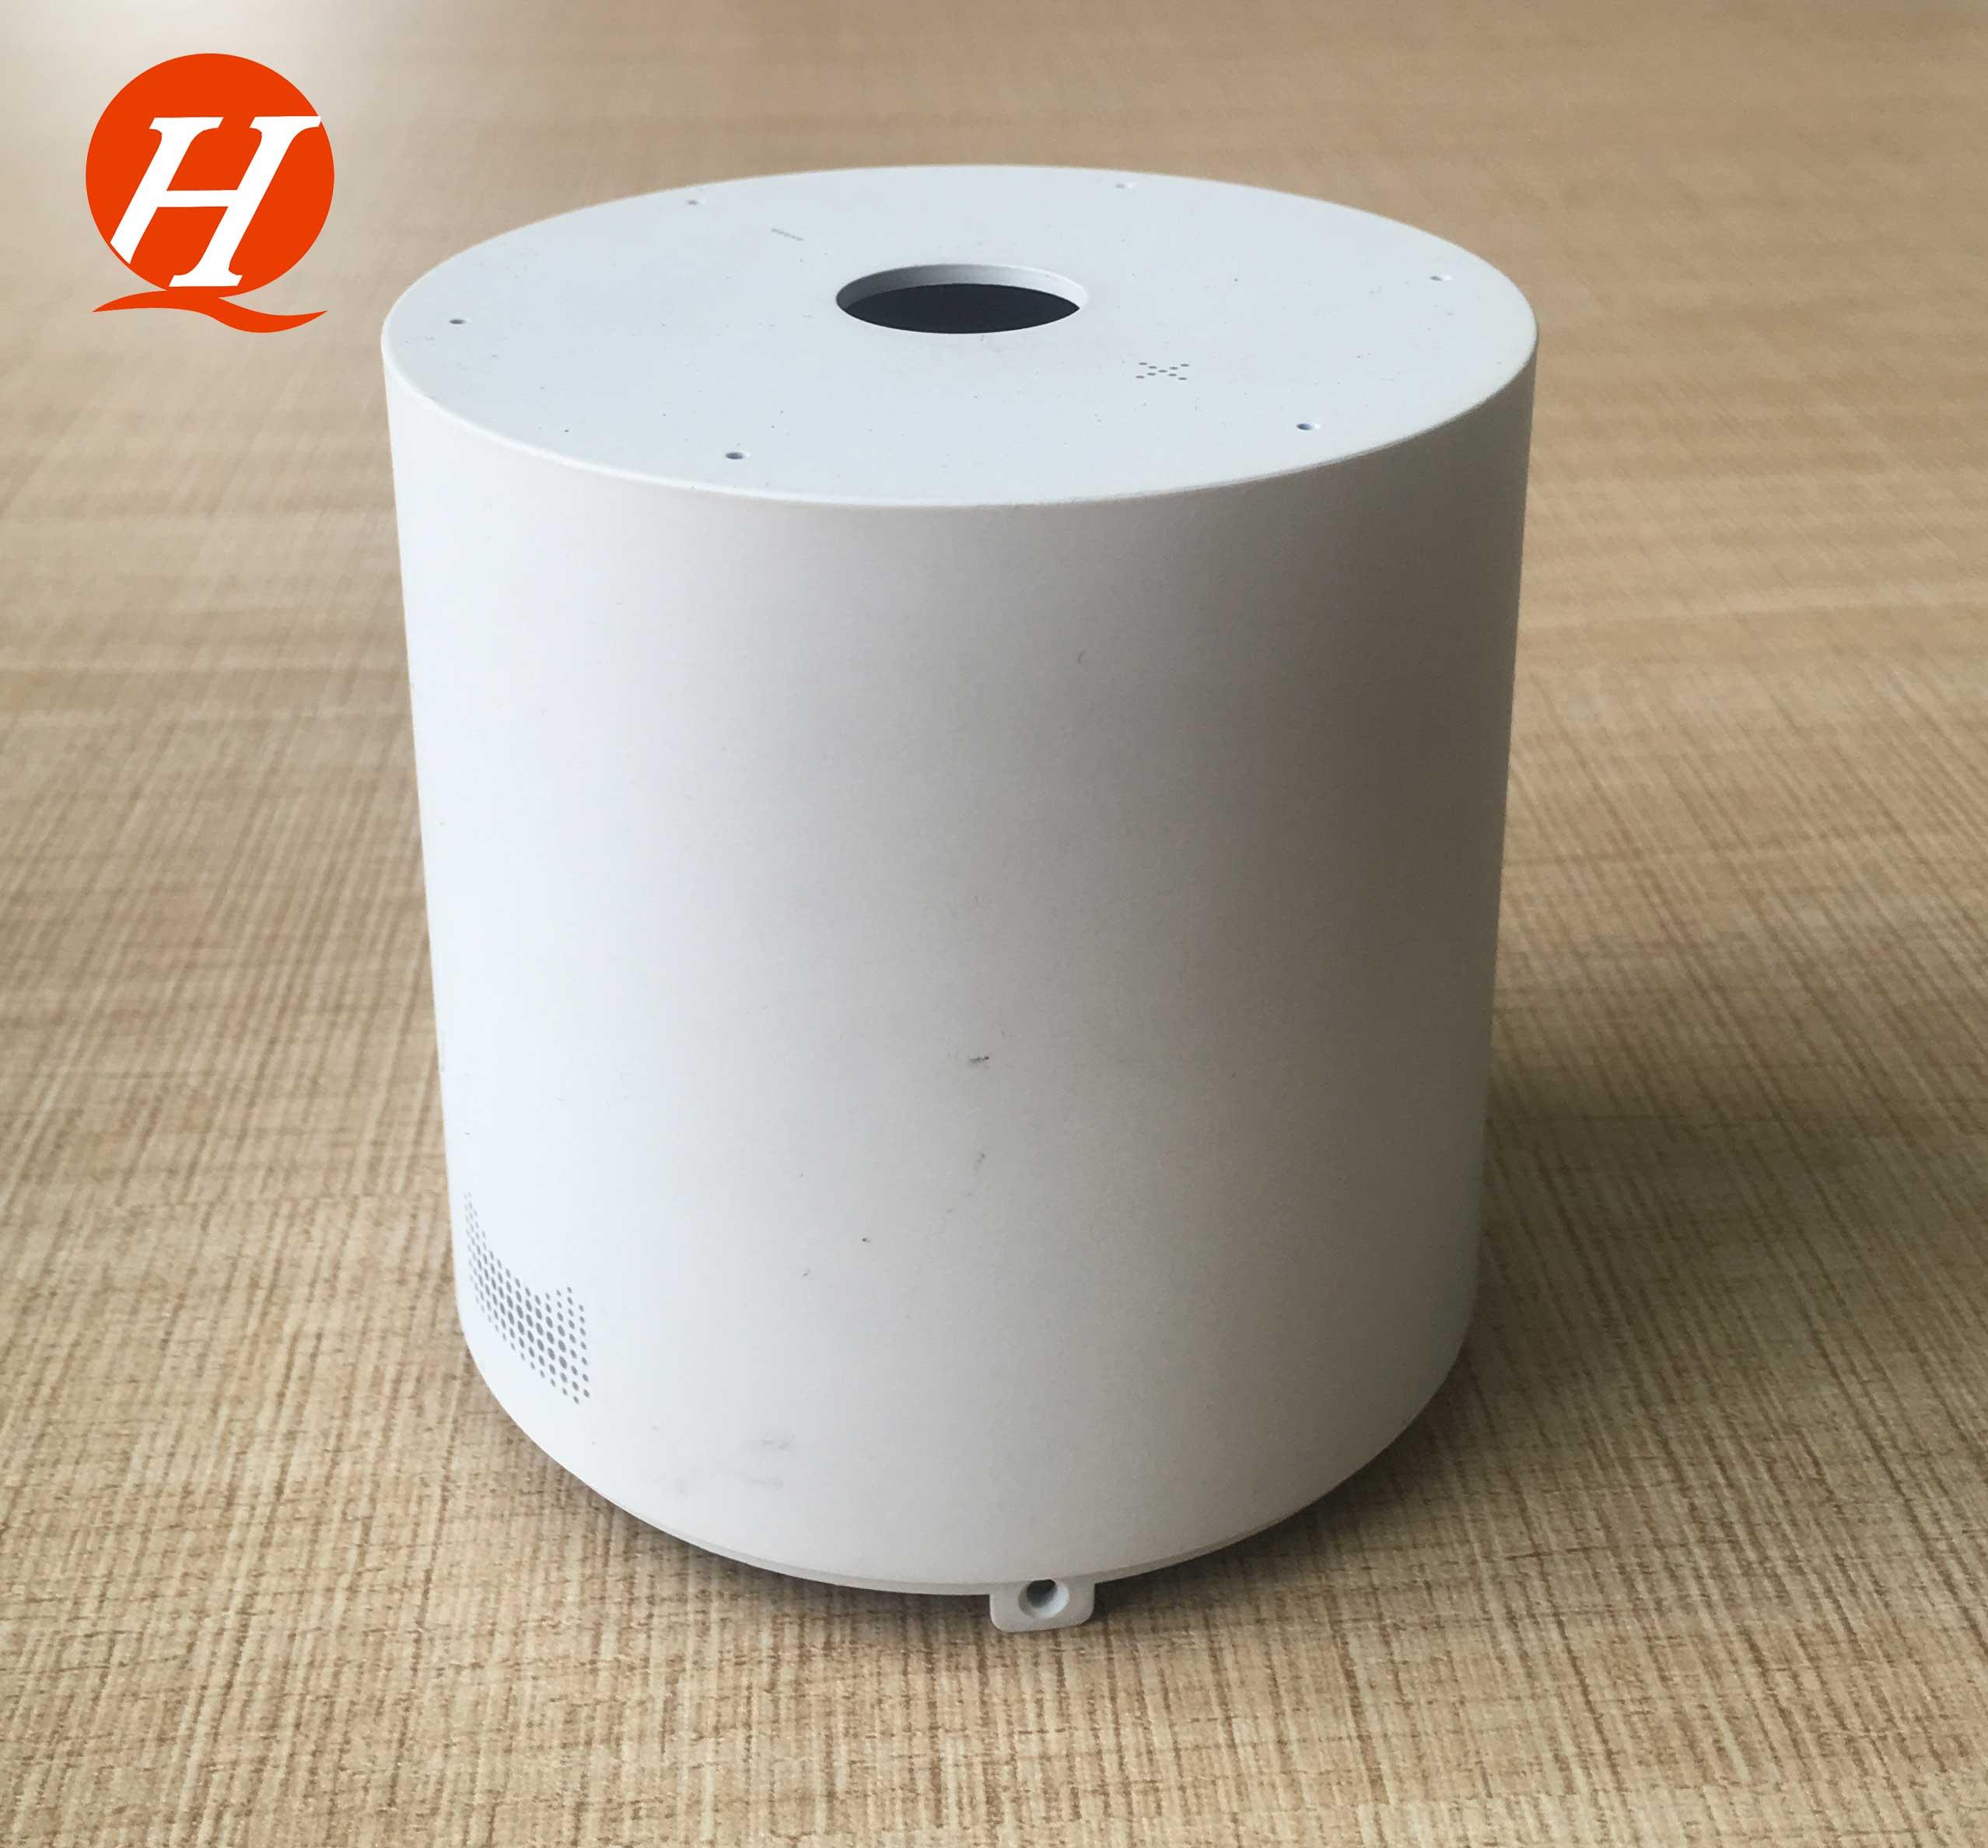 惠州庆和白色小音响外壳处理加工厂